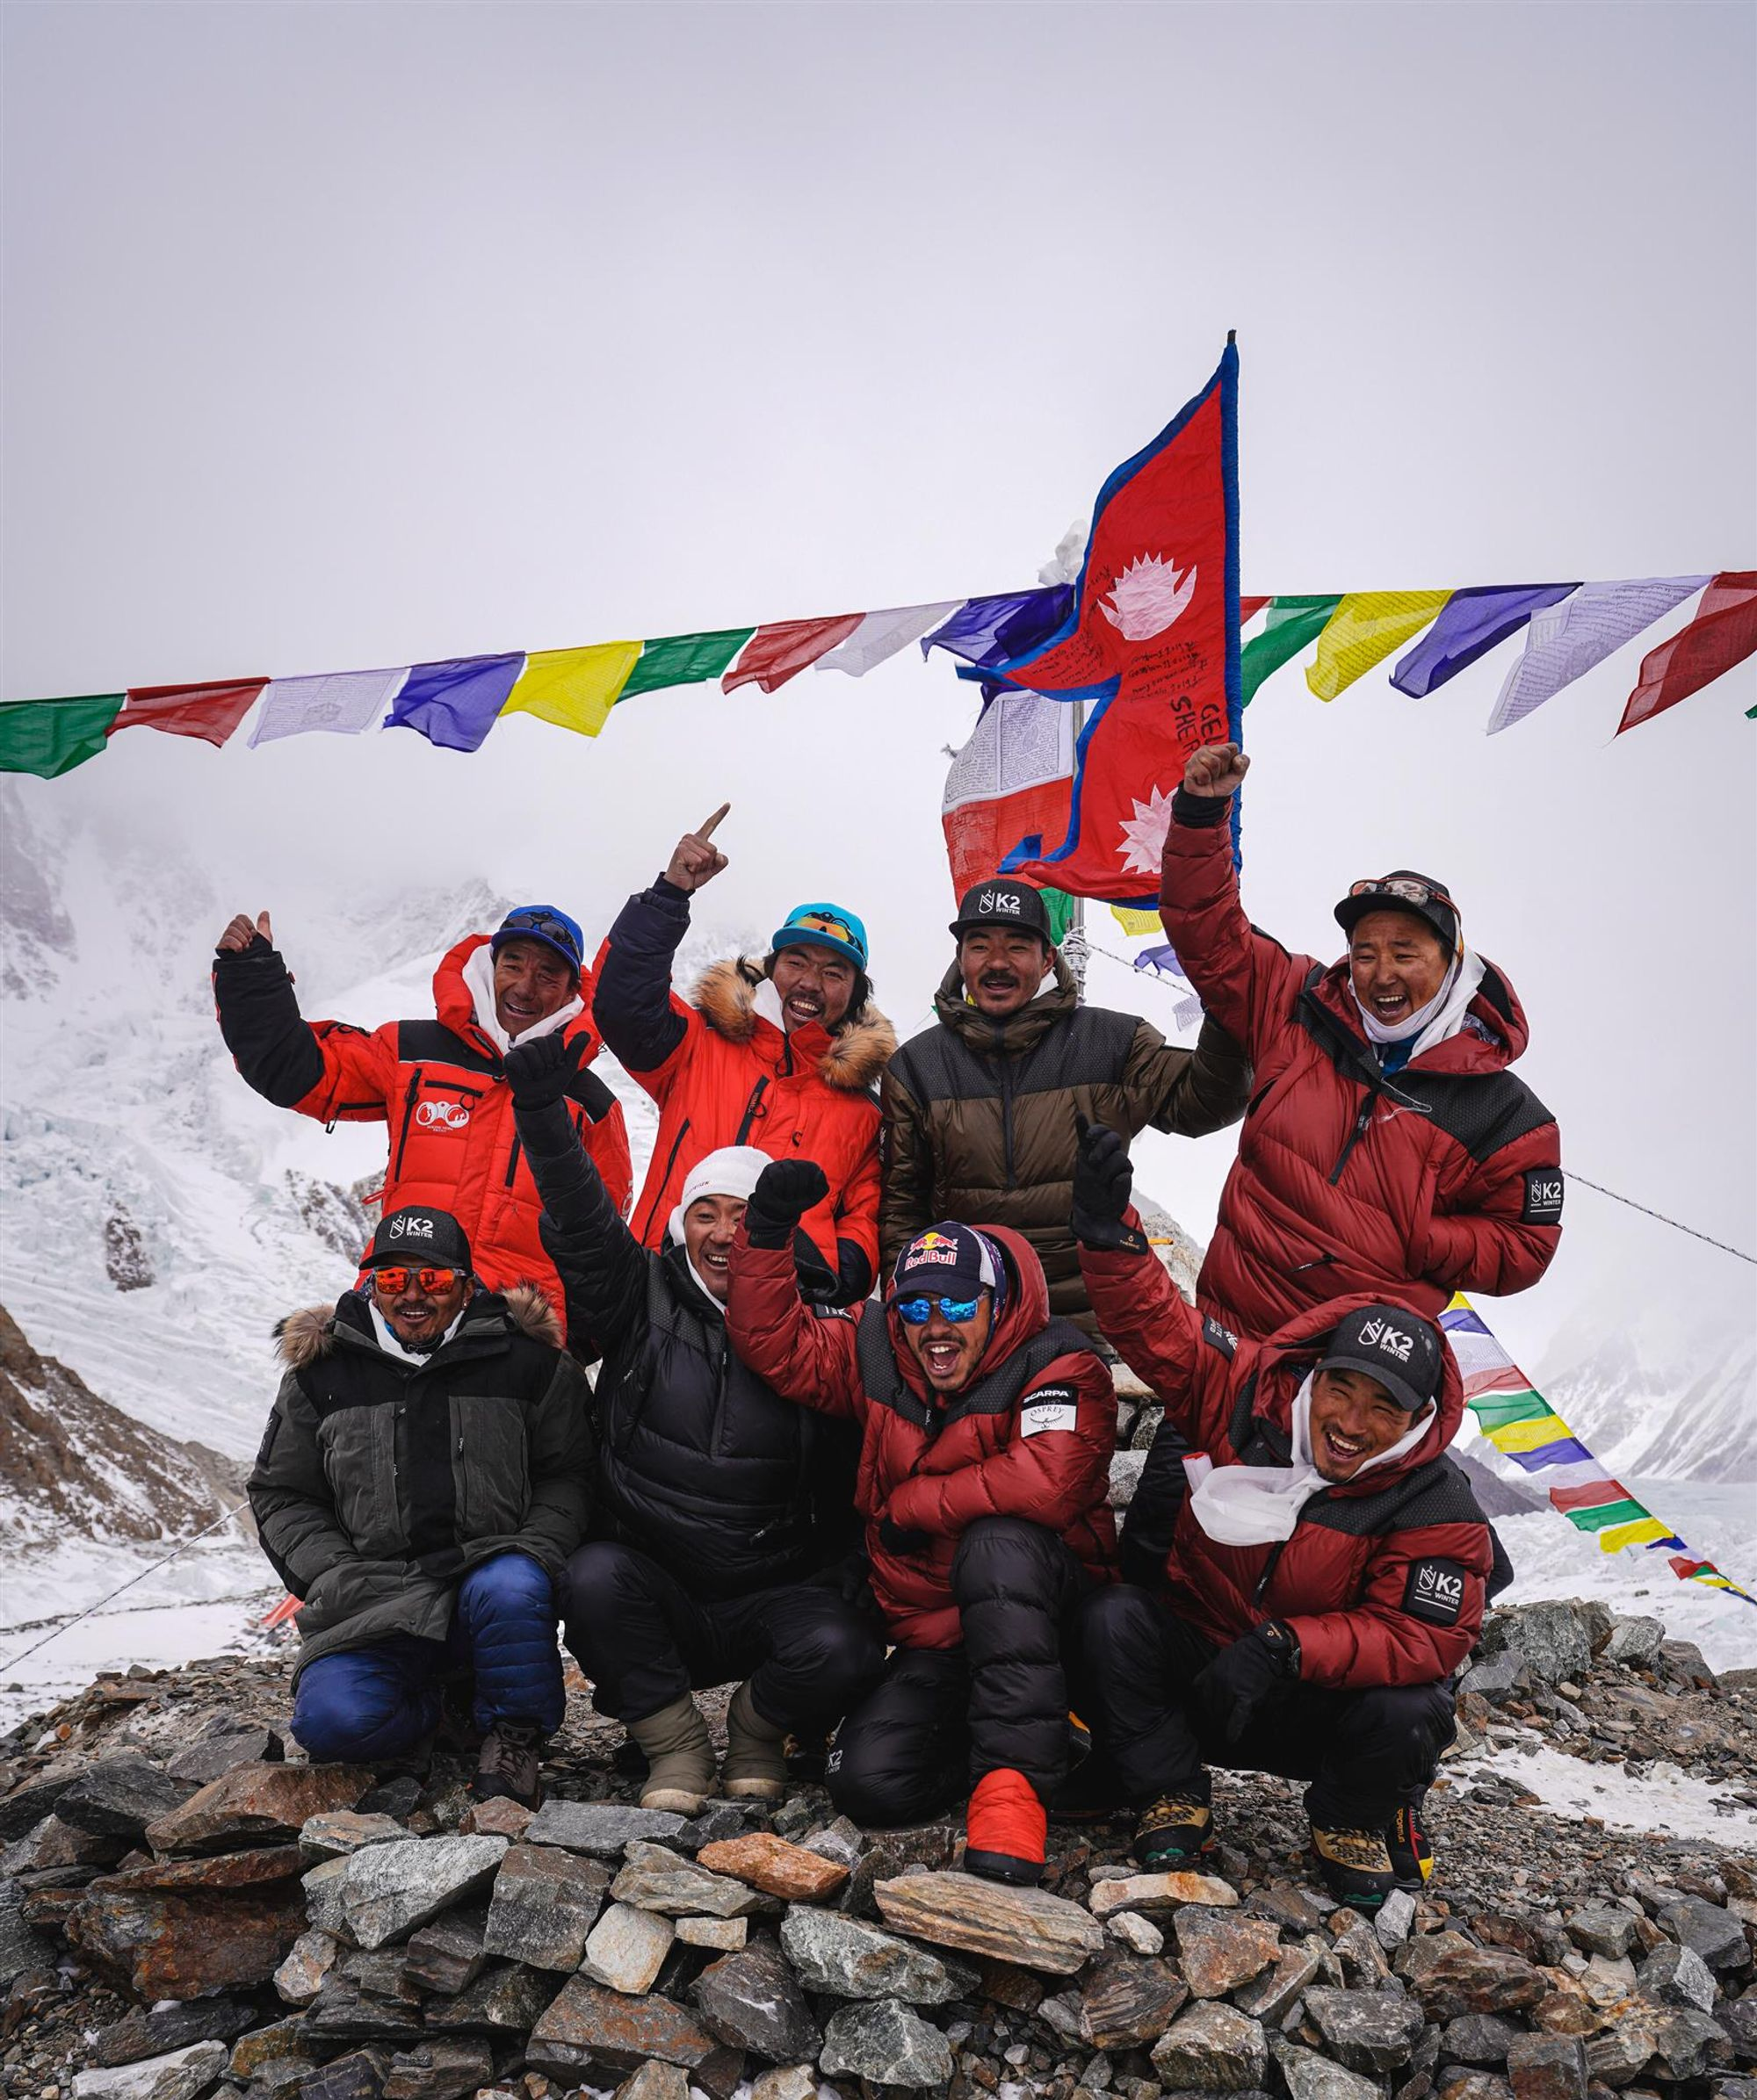 Erste Winterbesteigung des K2 gelungen